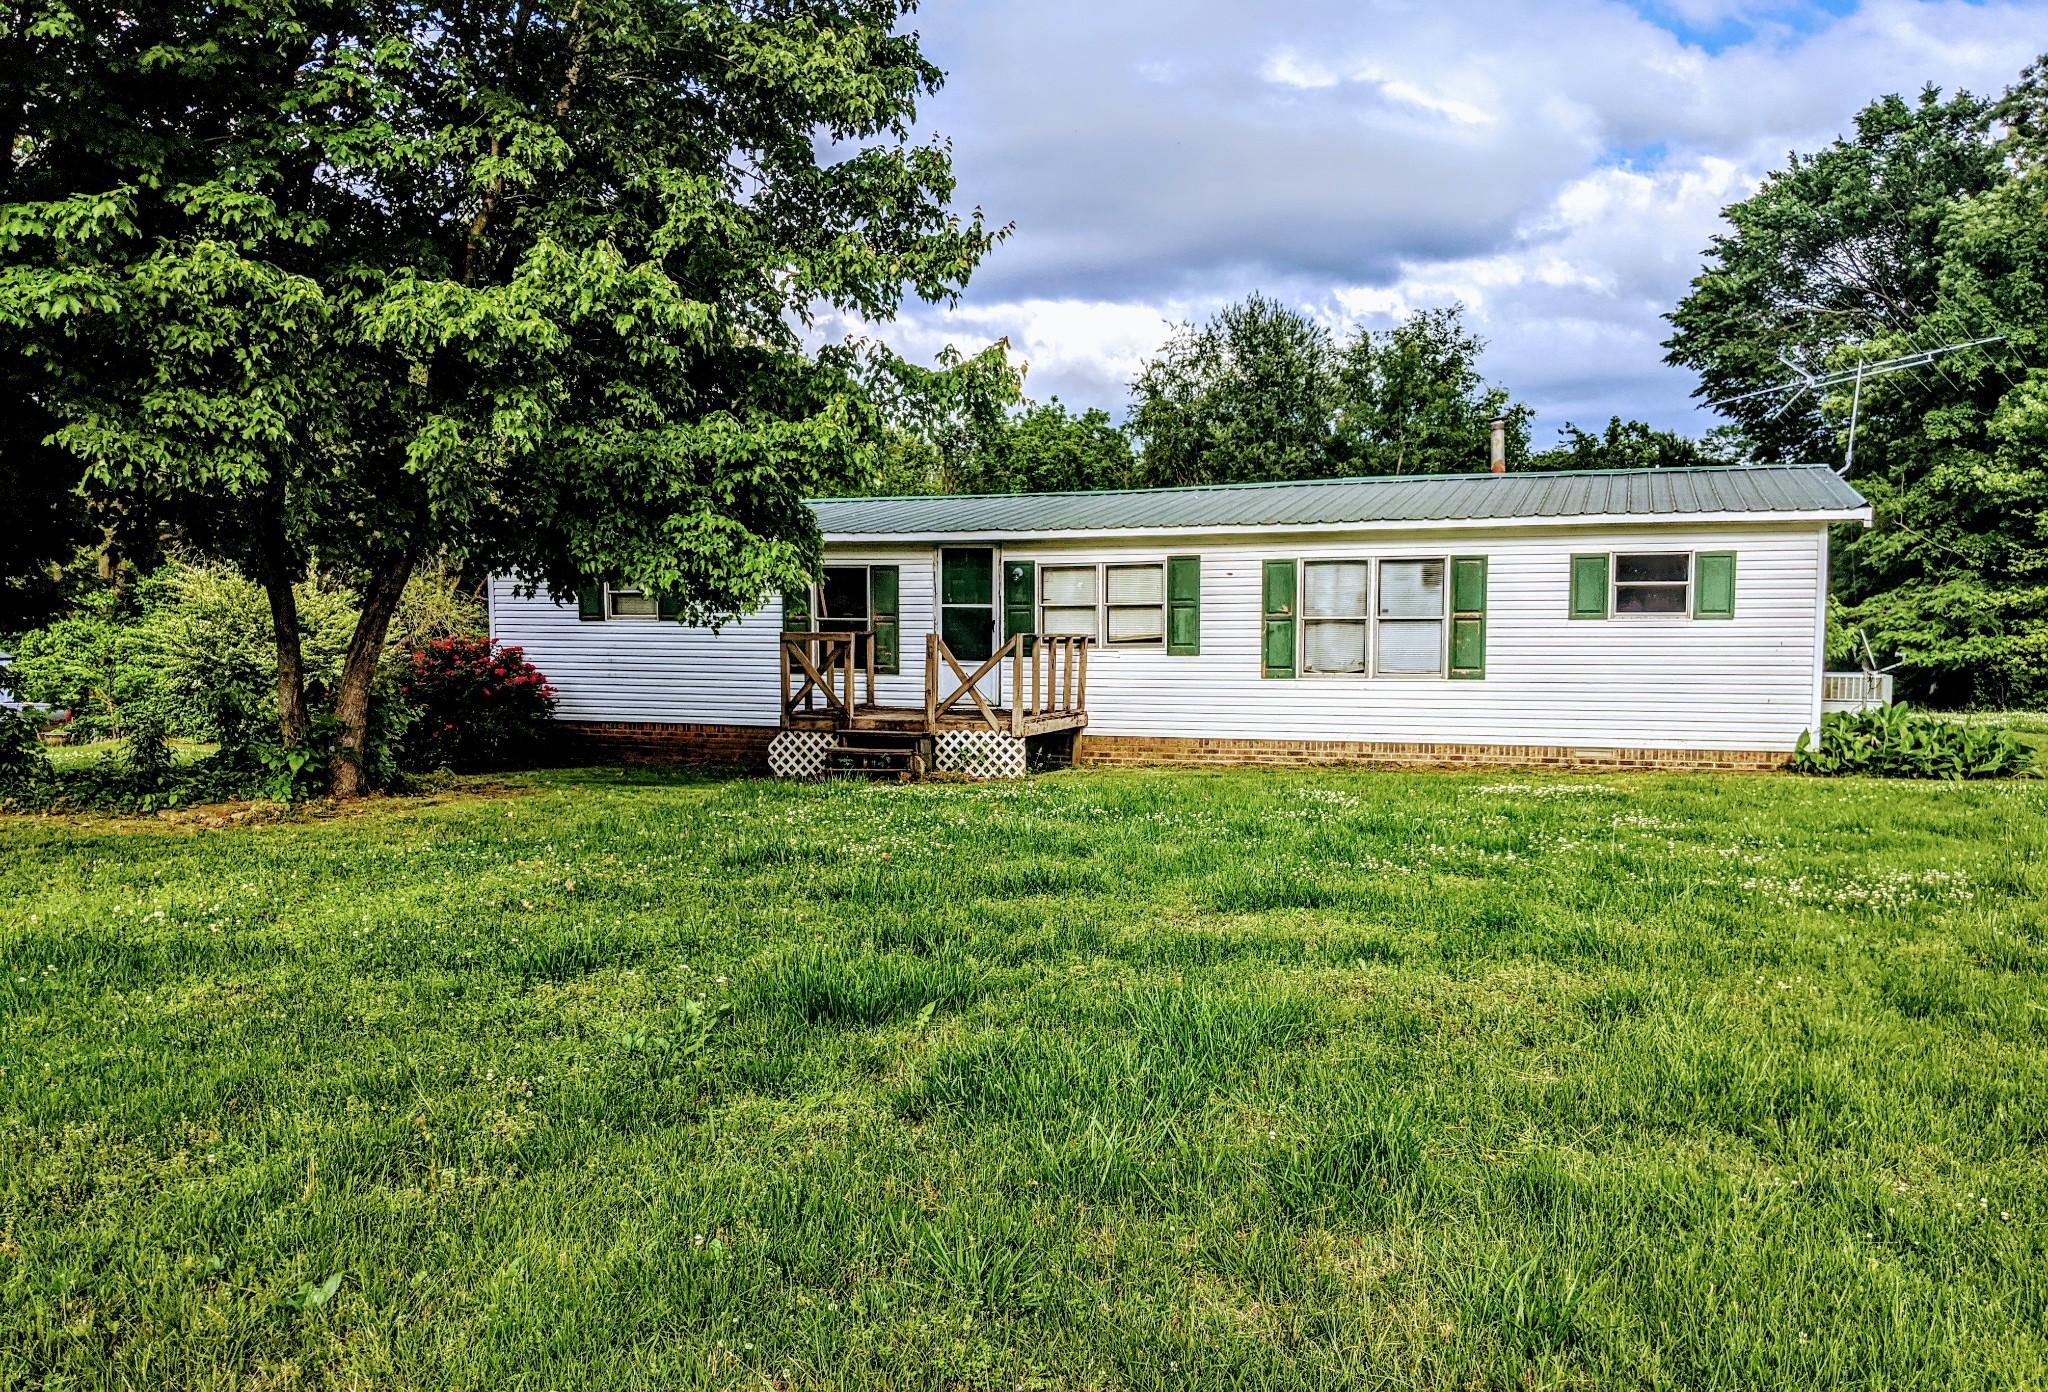 207 N Main St, Cedar Hill, TN 37032 - Cedar Hill, TN real estate listing